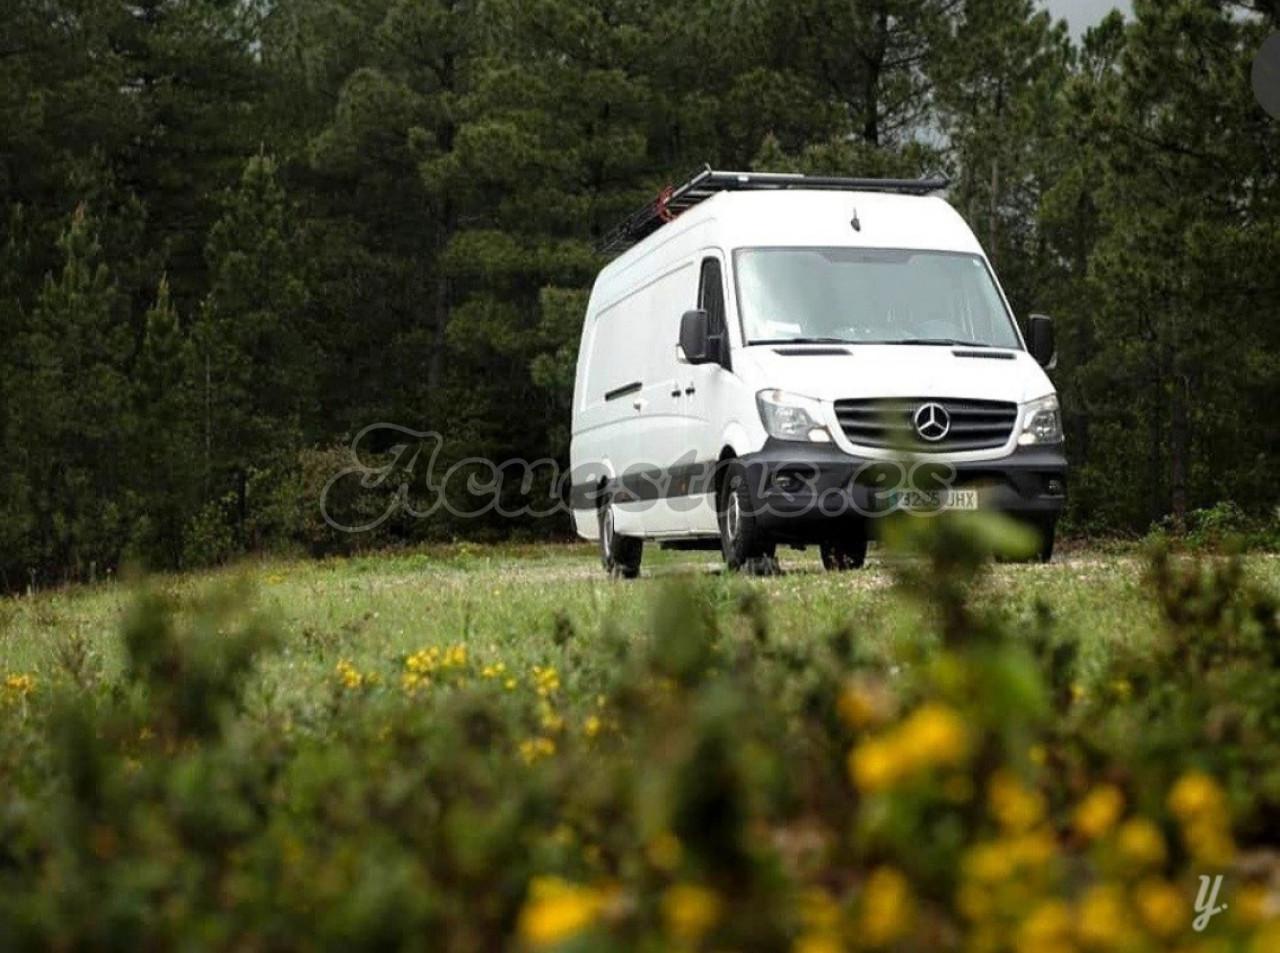 Furgoneta Mercedes Sprinter camperizada